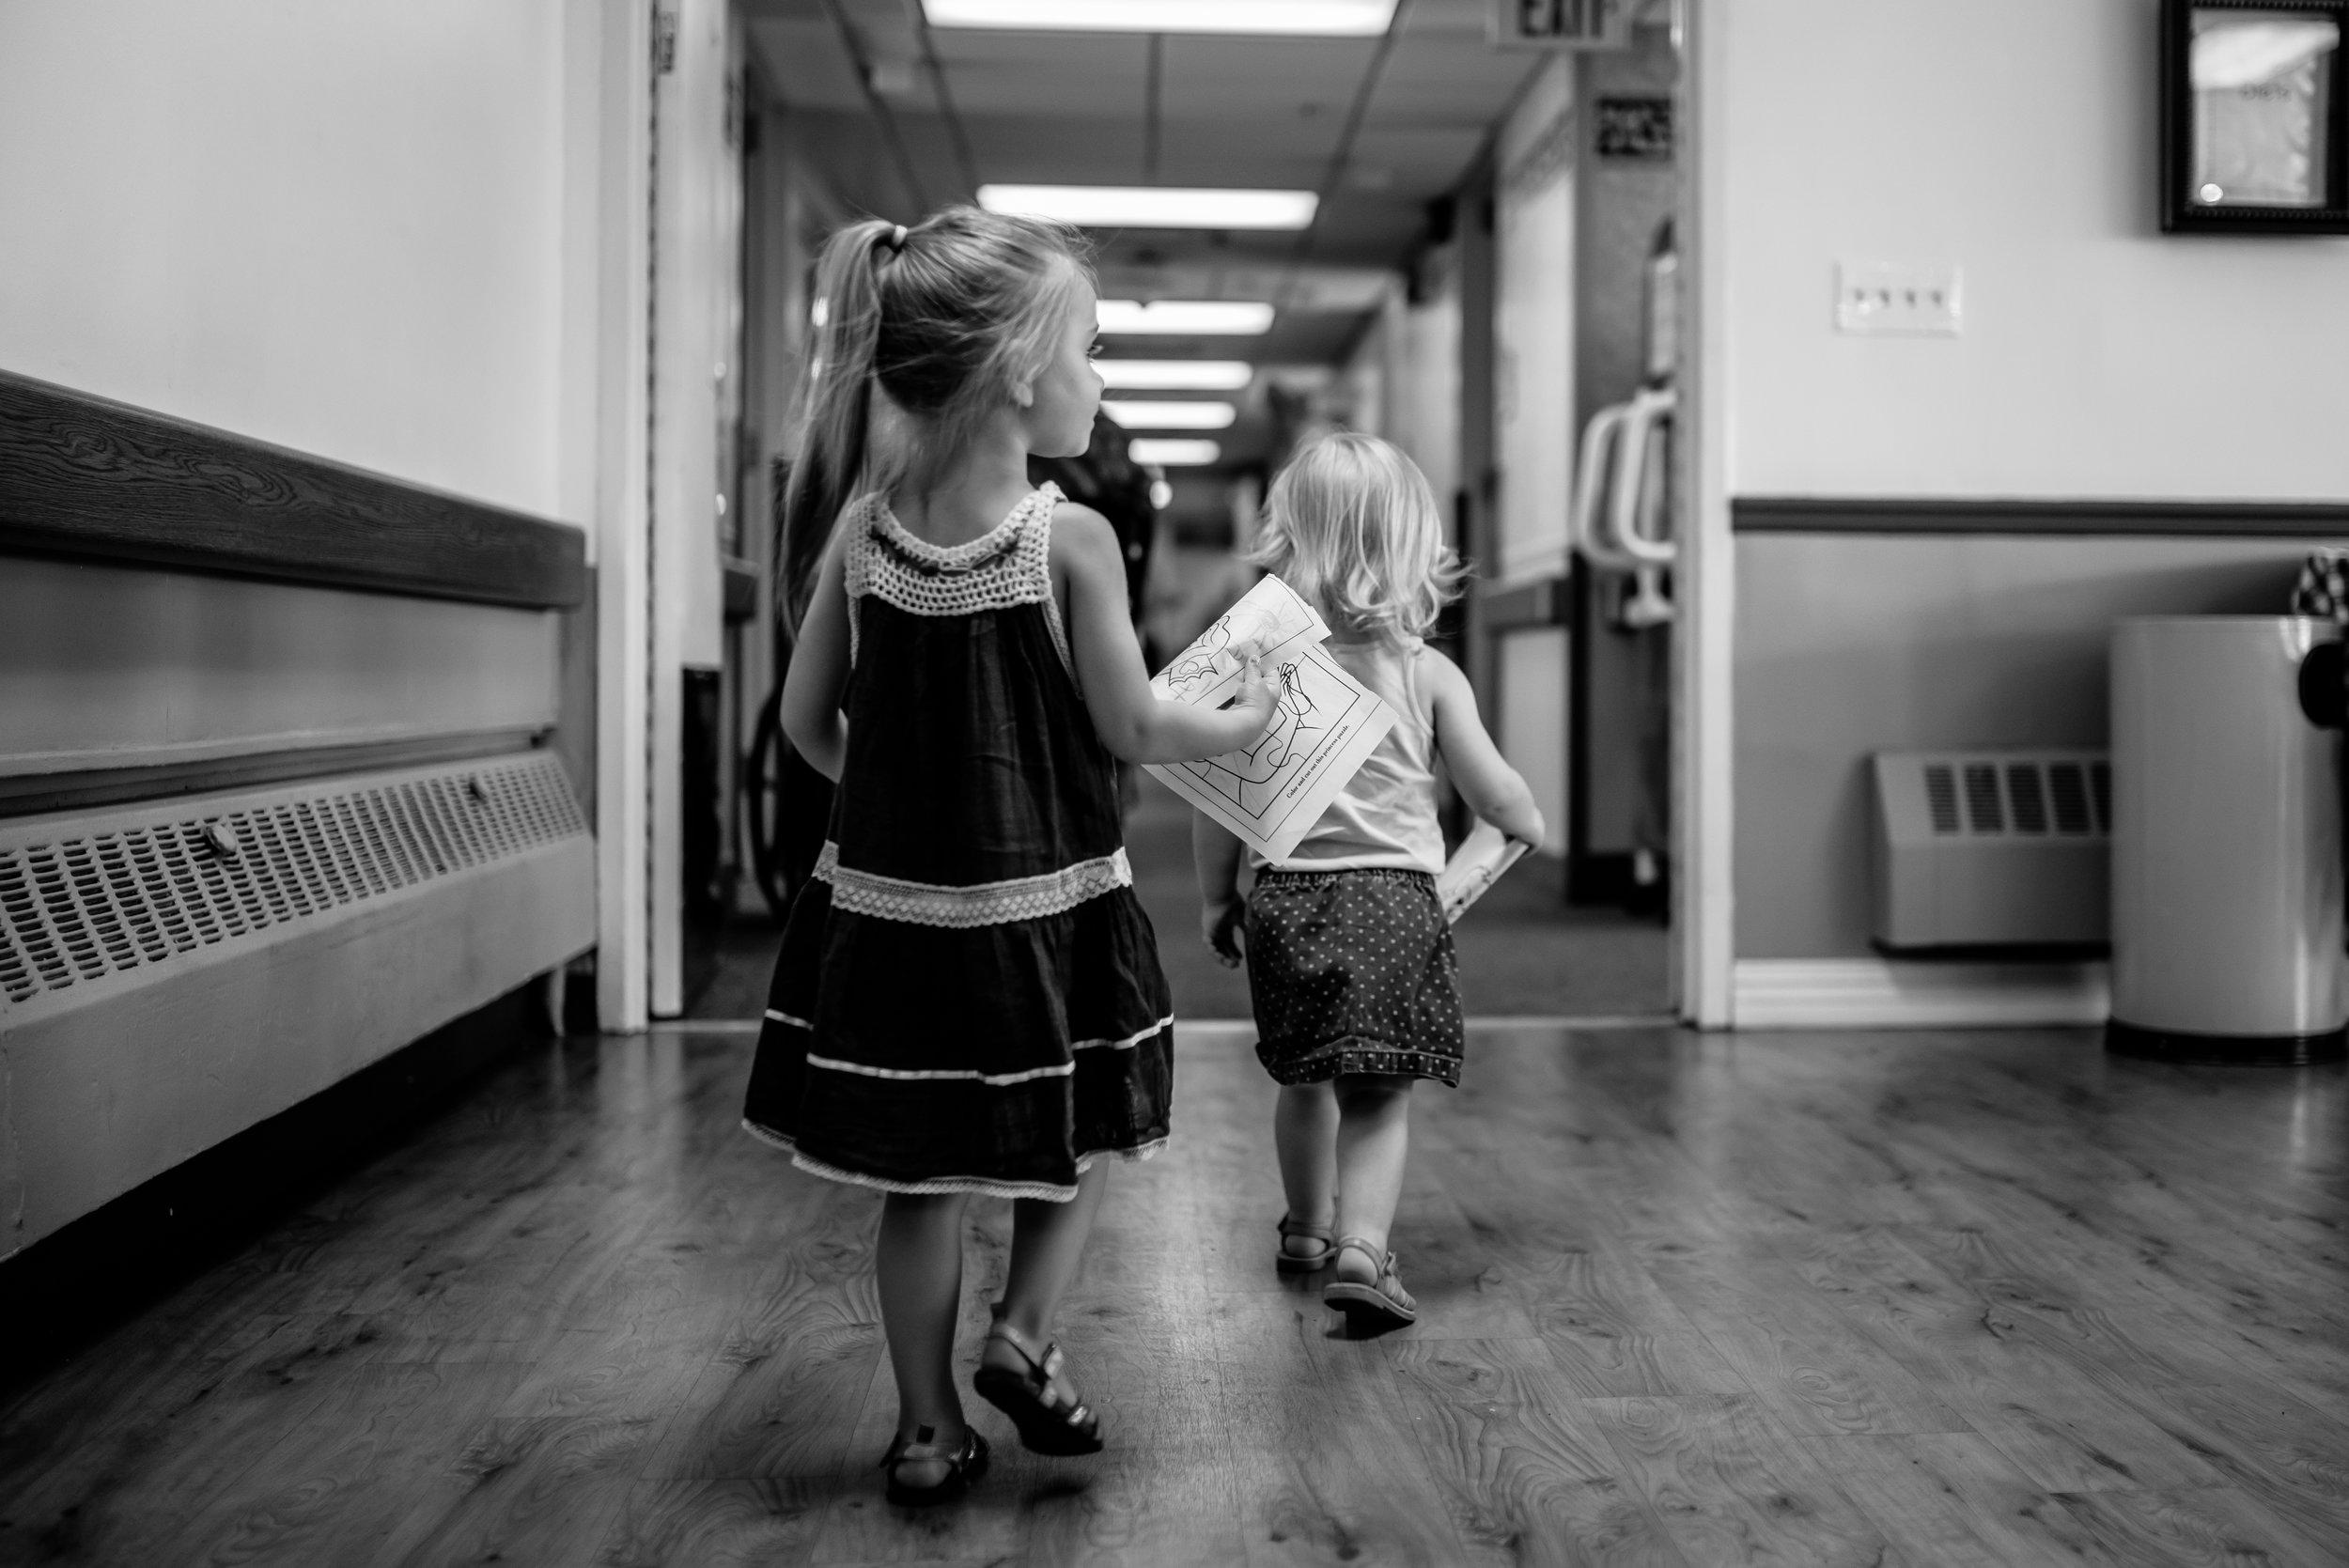 Girls walking down hallway of nursing home